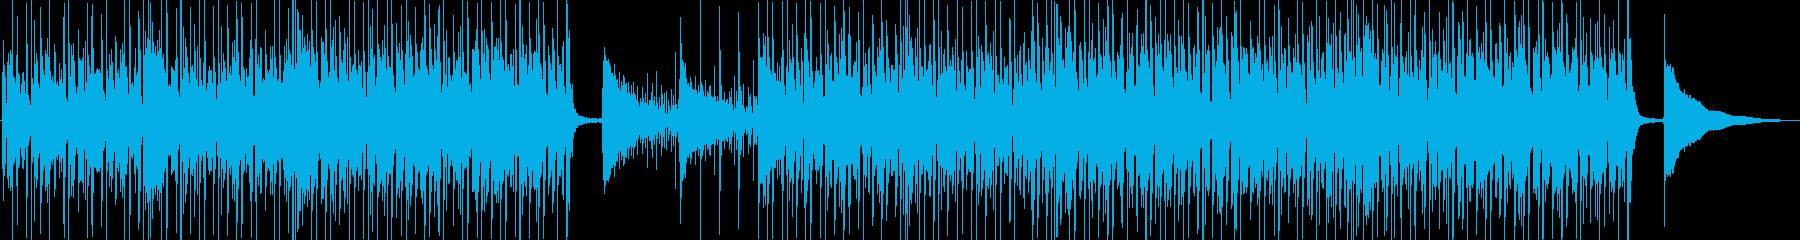 レゲエ/カリブ海の吹奏楽器。旅行や...の再生済みの波形